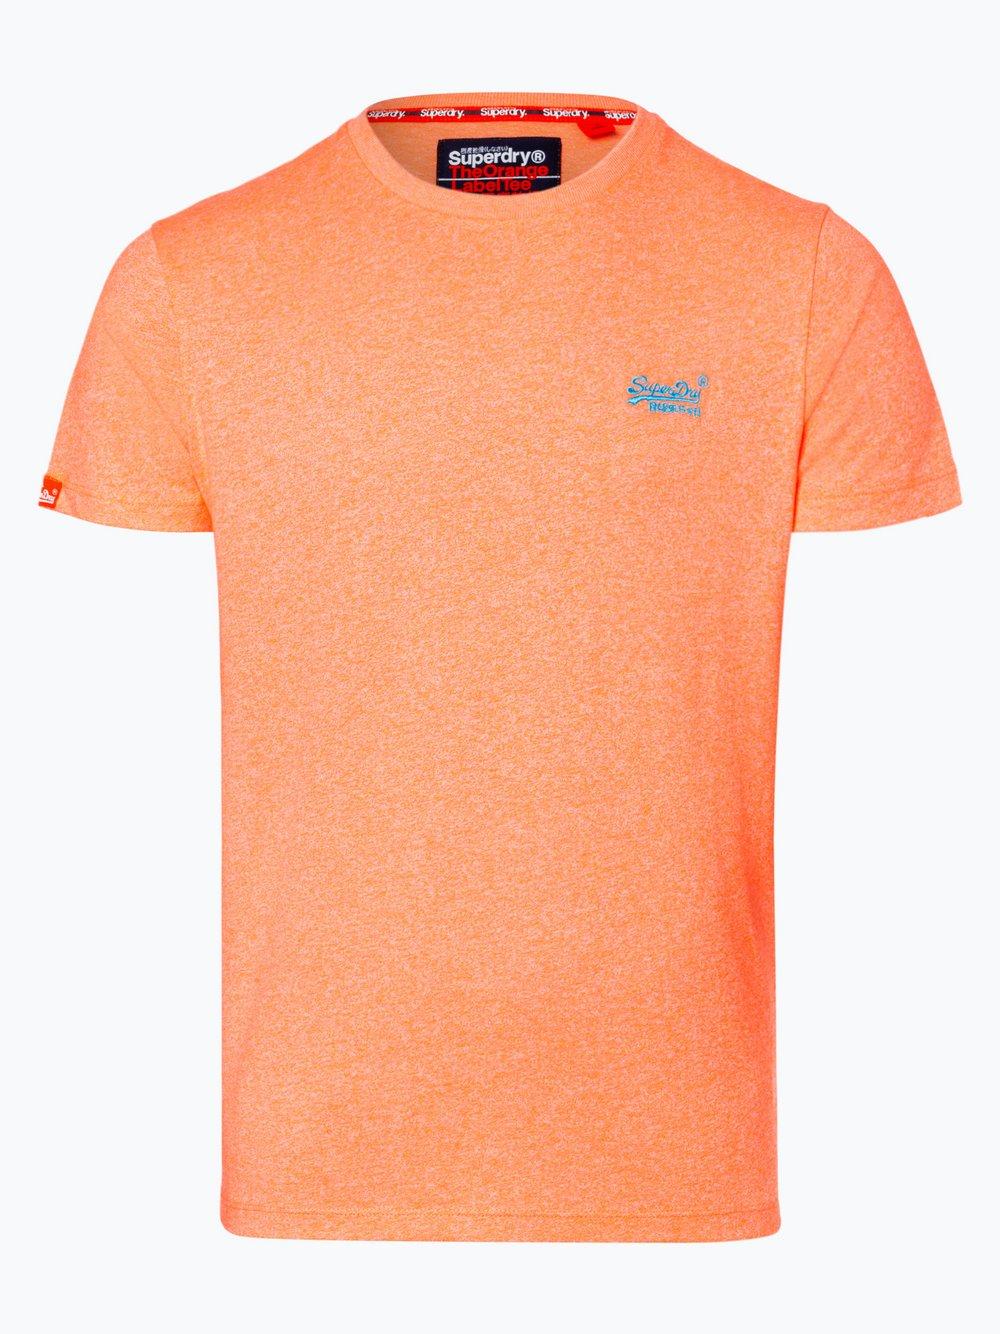 Superdry - T-shirt męski, pomarańczowy